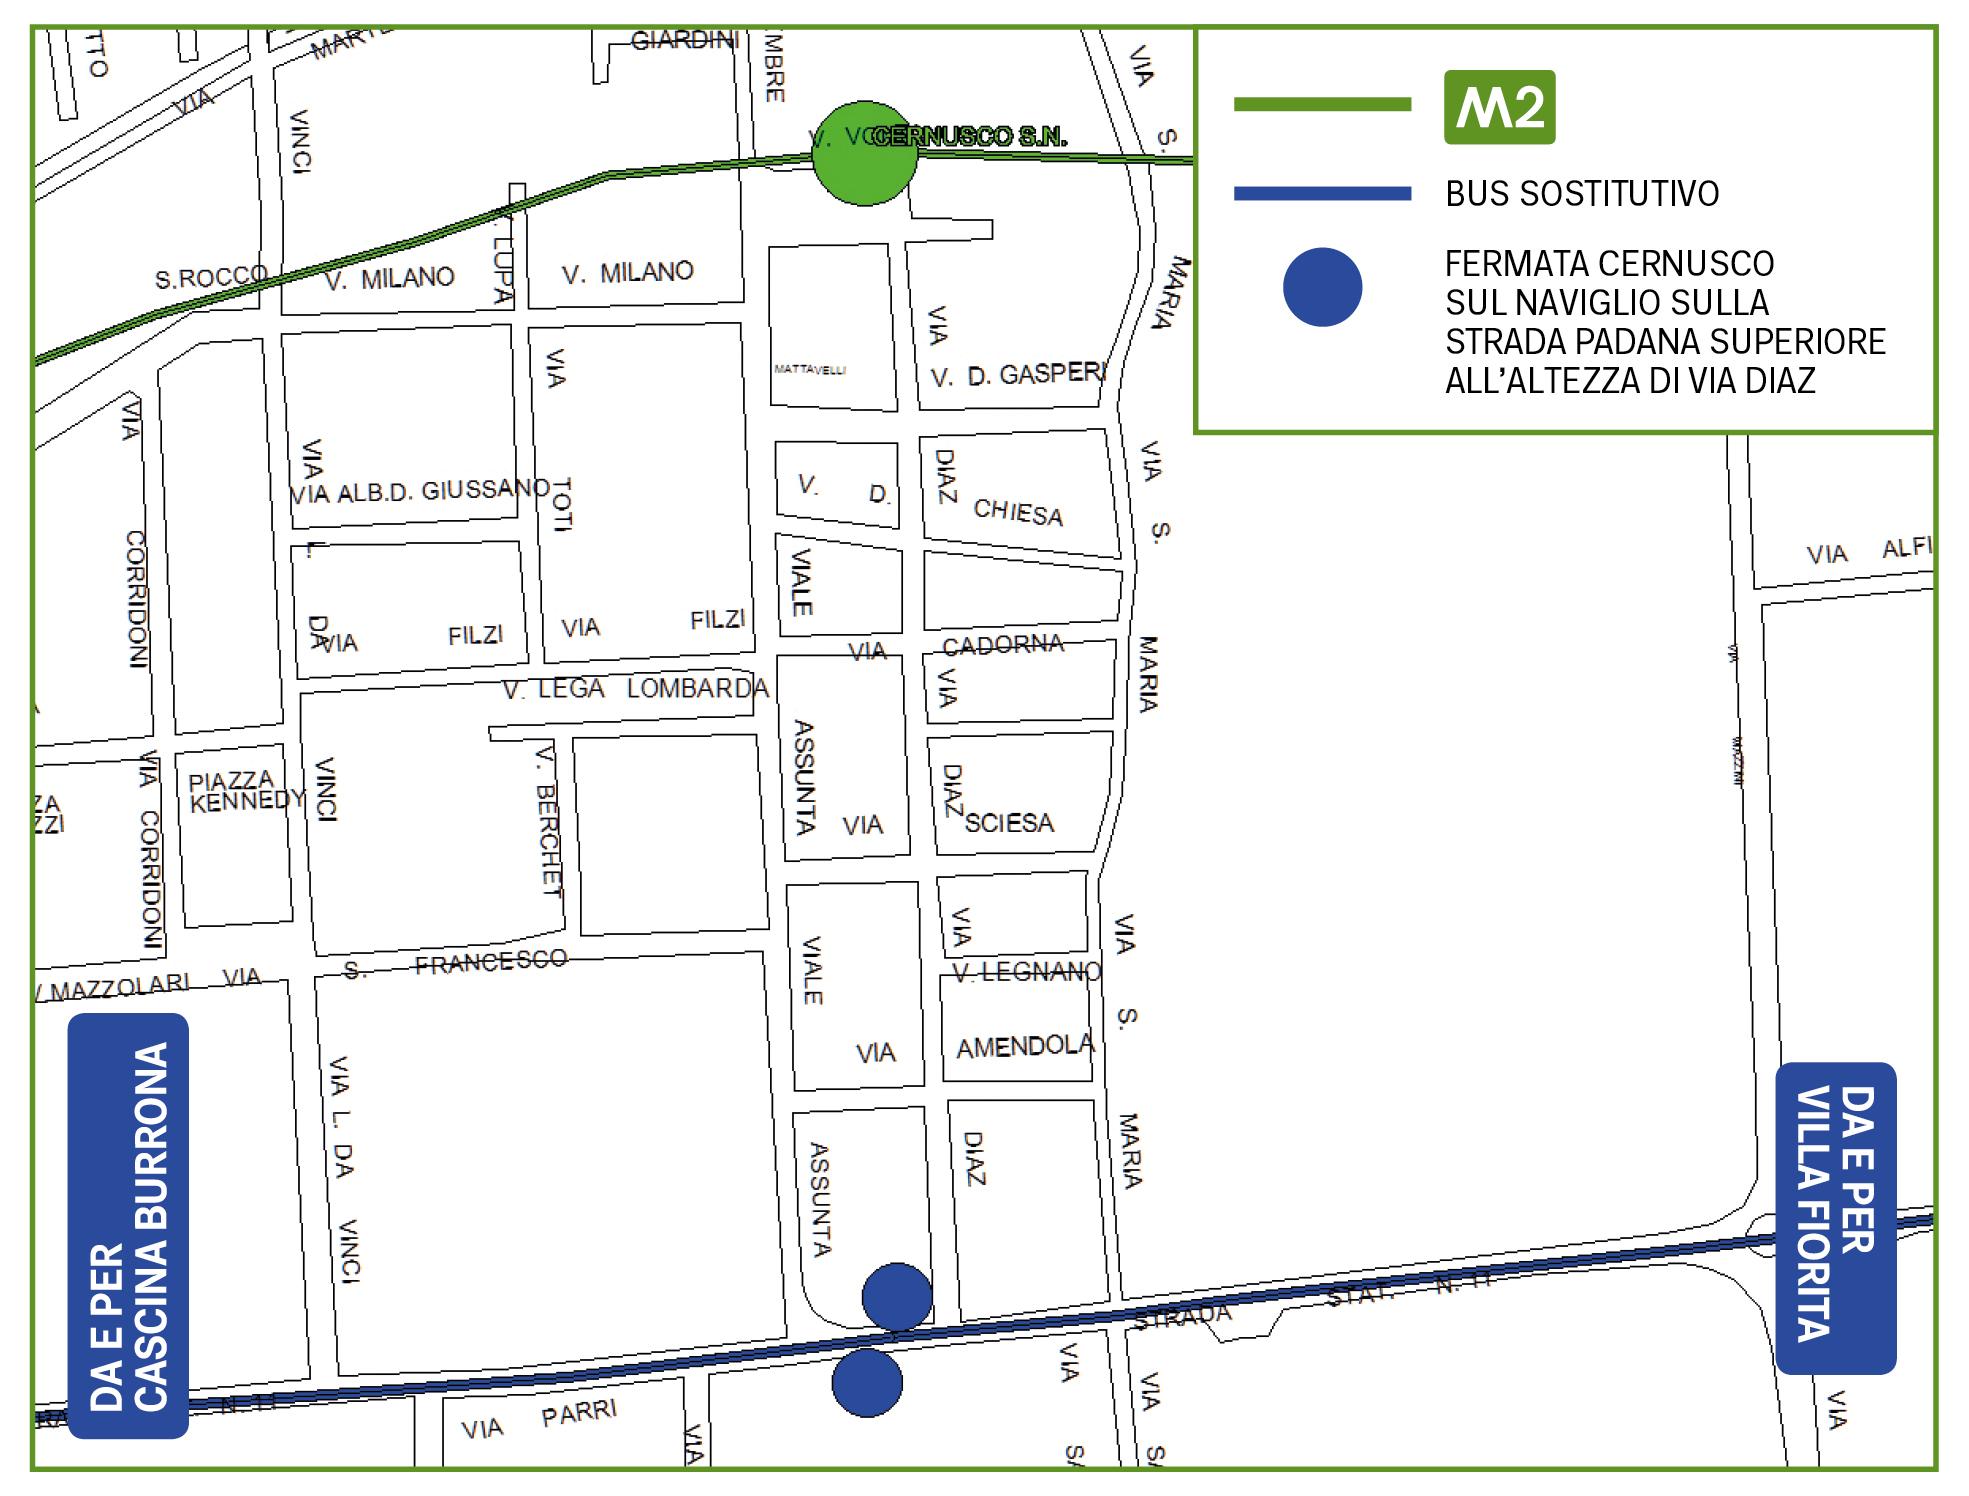 Mappa Bus sostitutivo Cernusco sul Naviglio